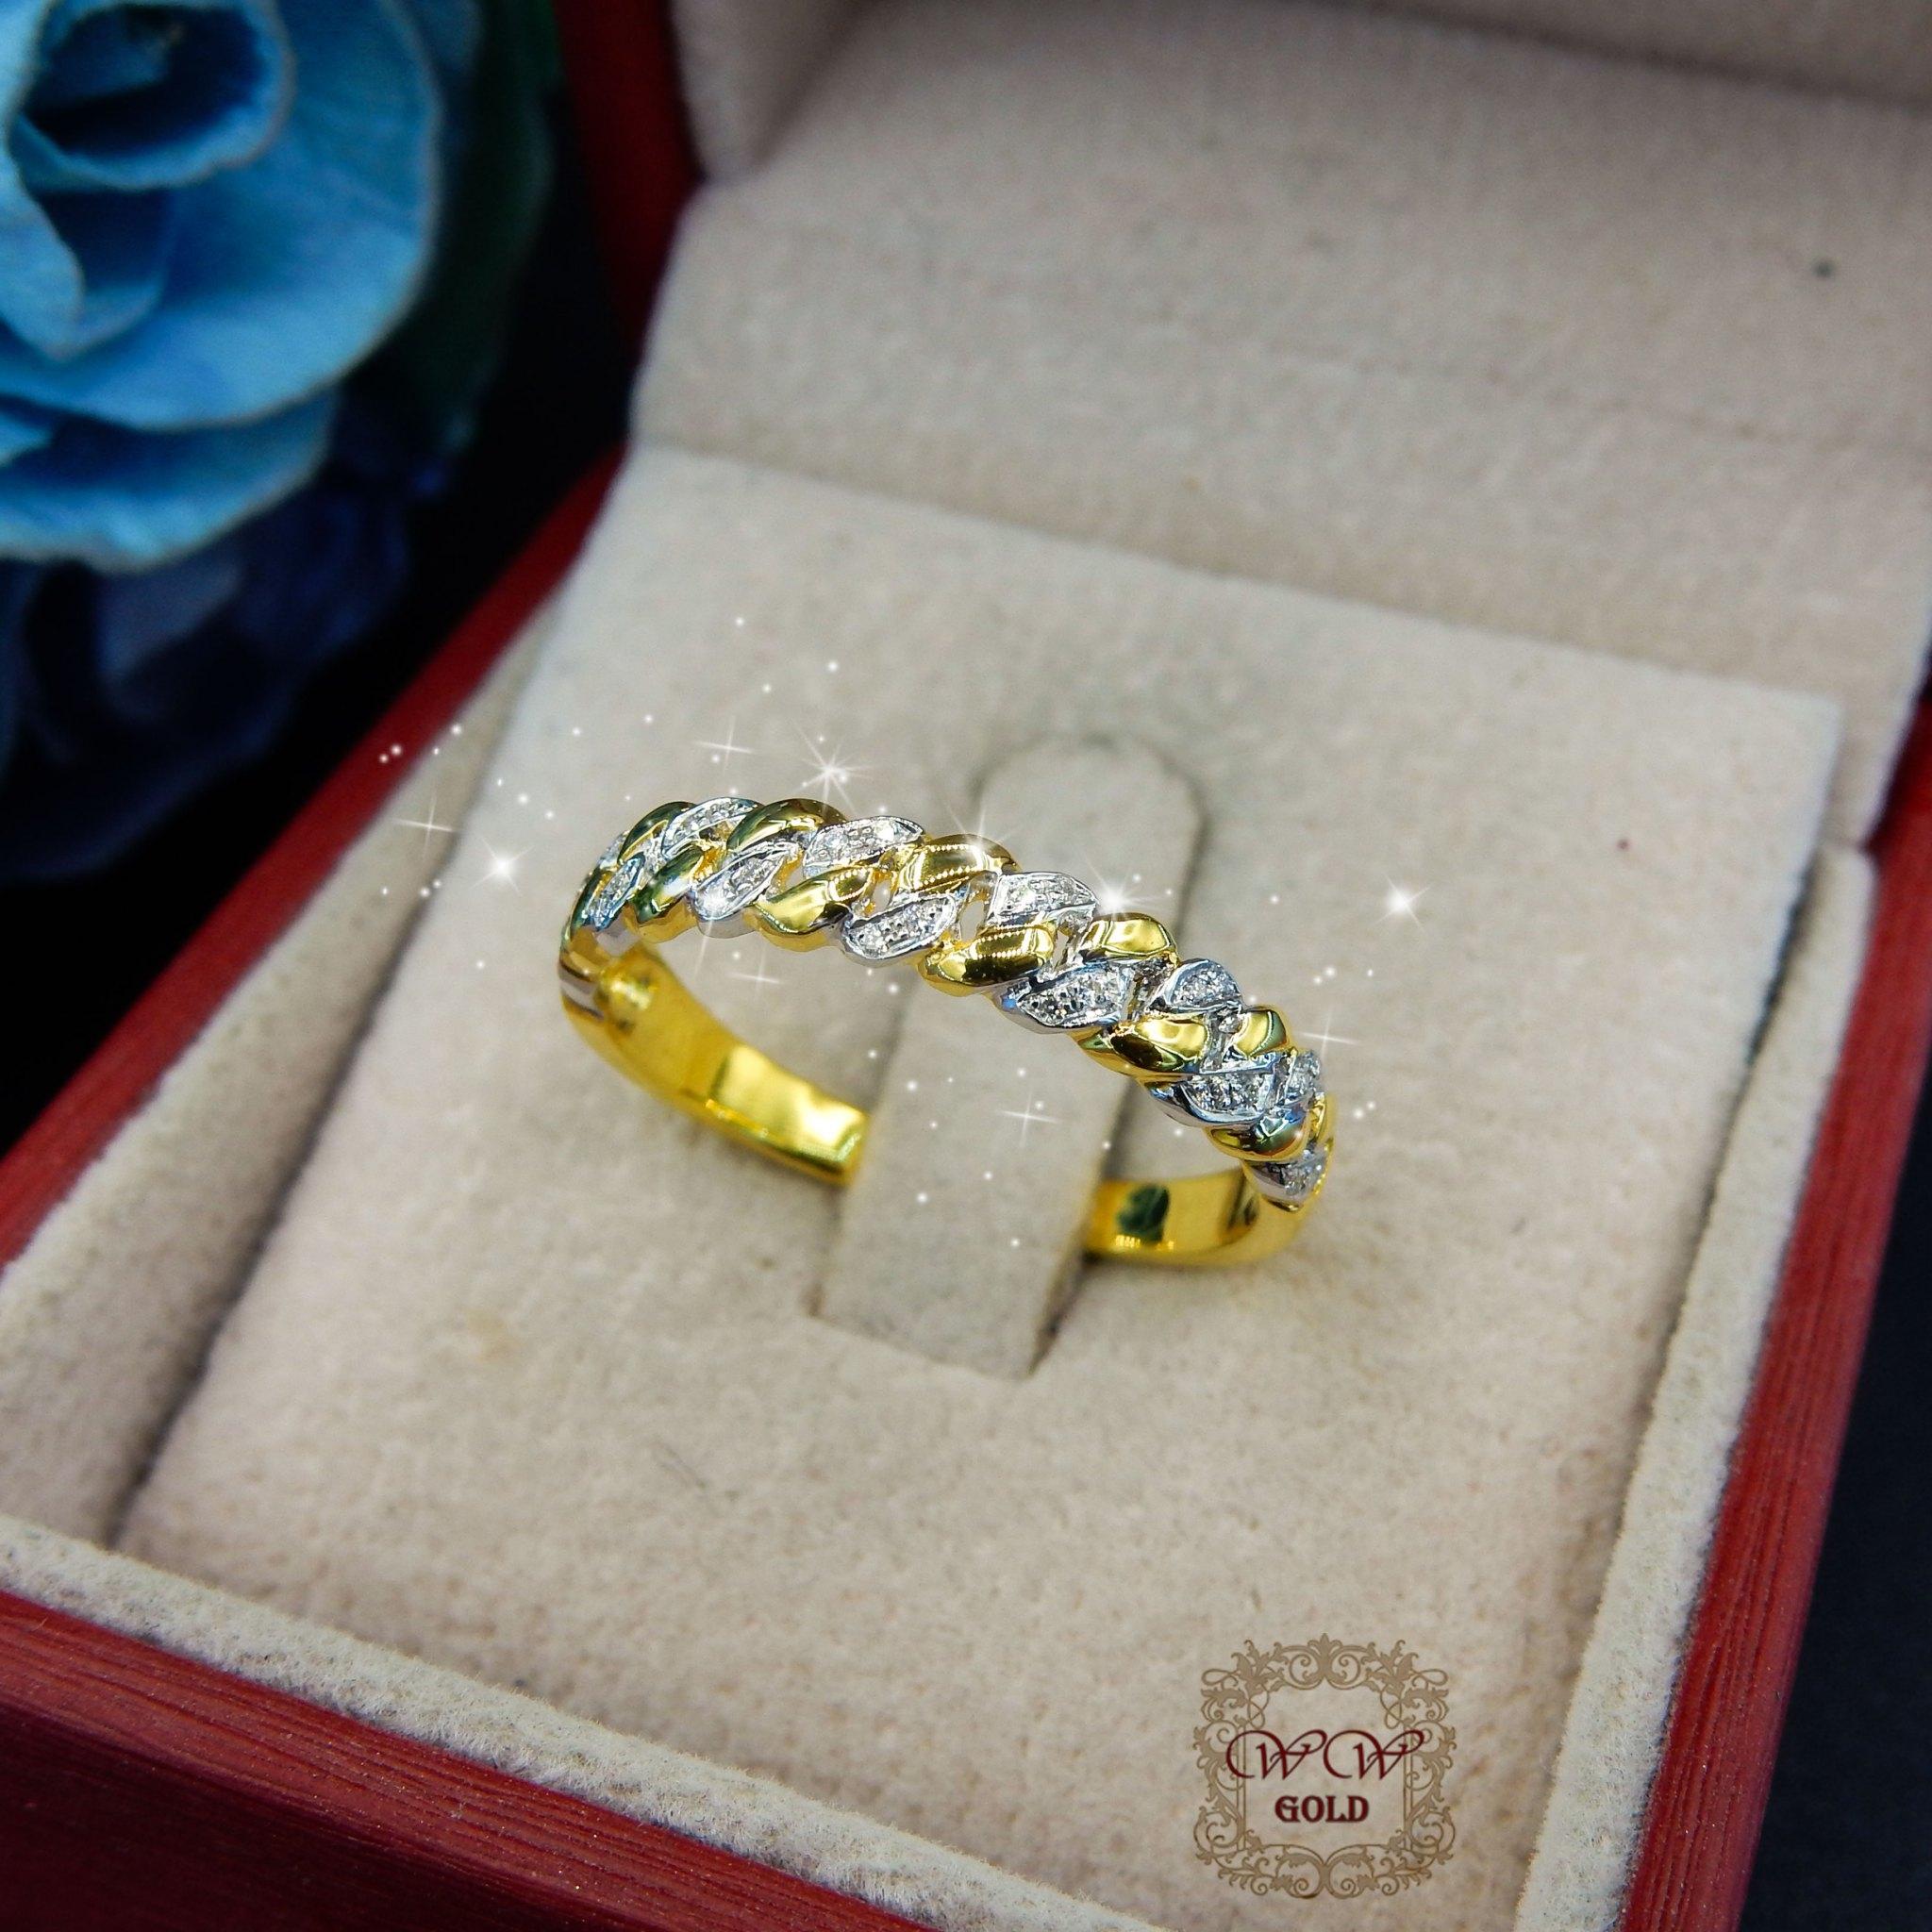 แหวนเพชรเรียงแถวไขว้สลับทอง